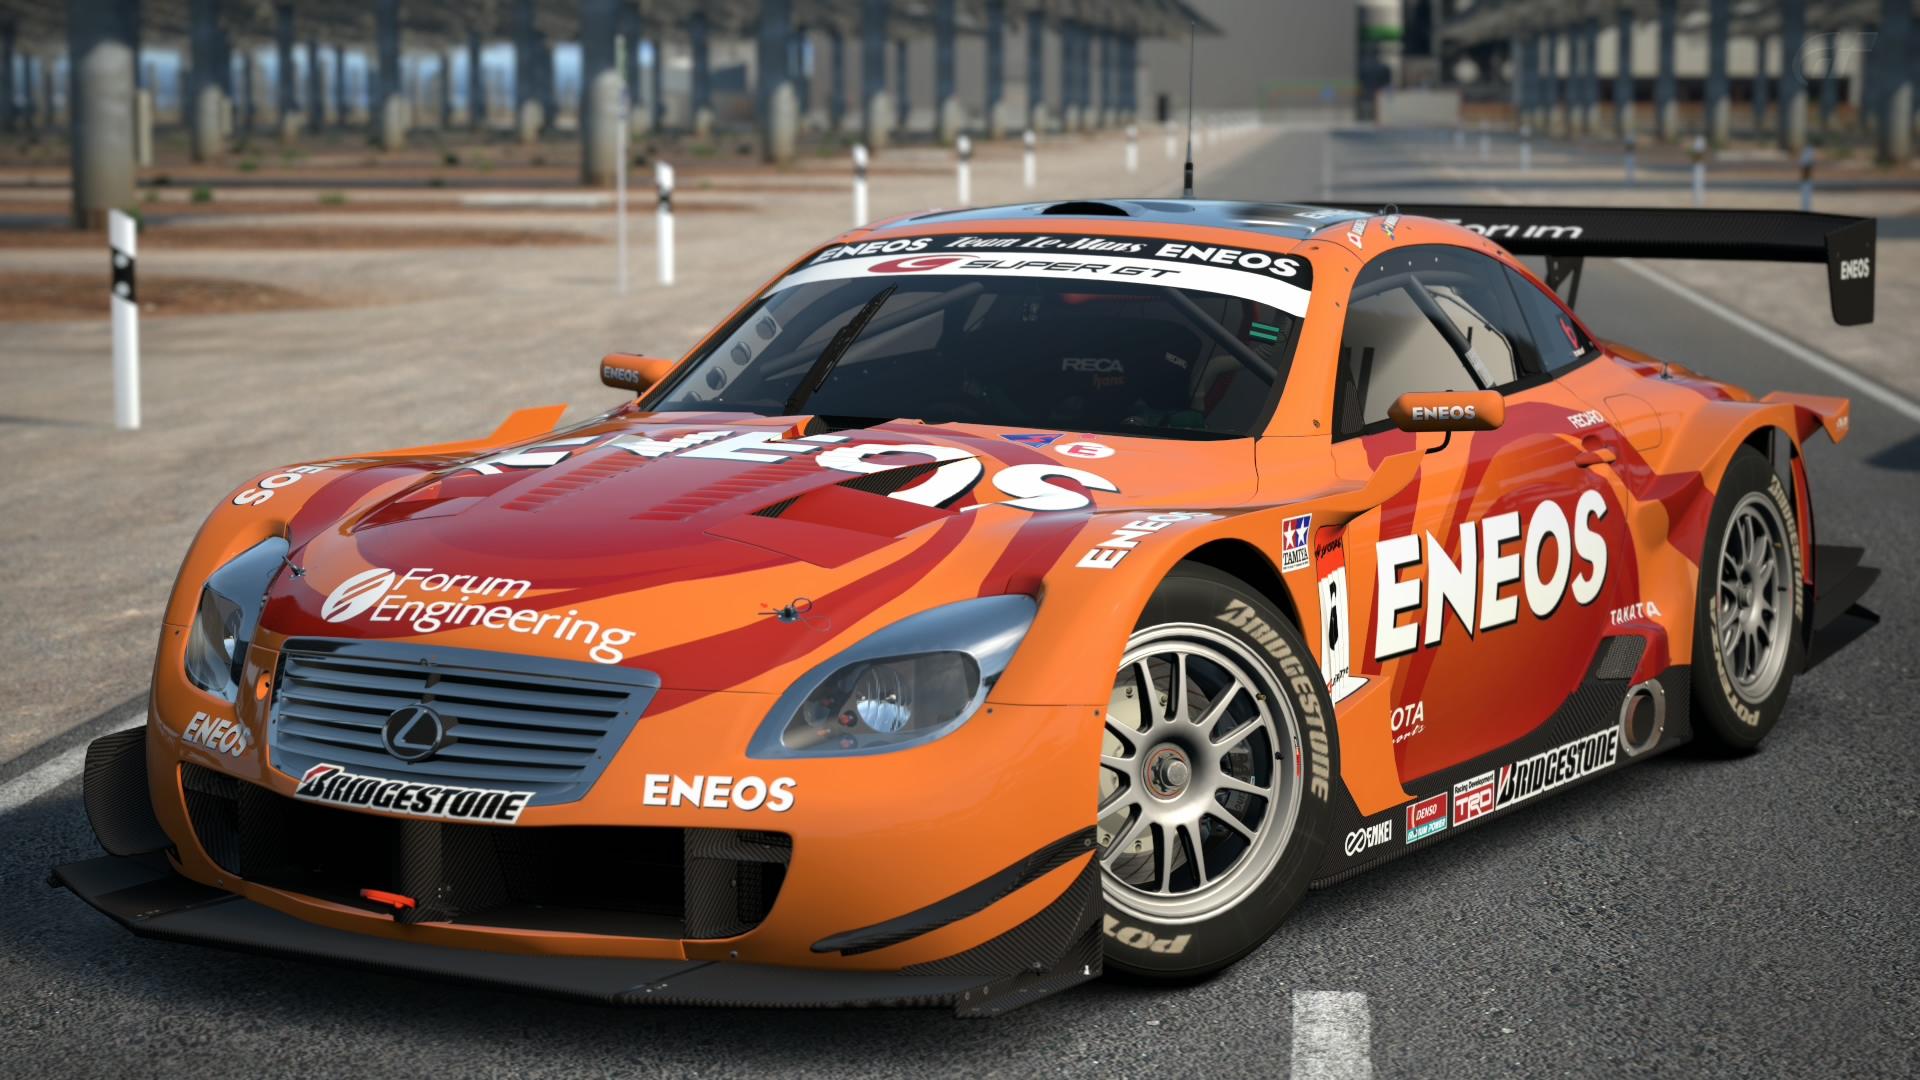 Lexus ENEOS SC430 SUPER GT 08  Gran Turismo Wiki  FANDOM